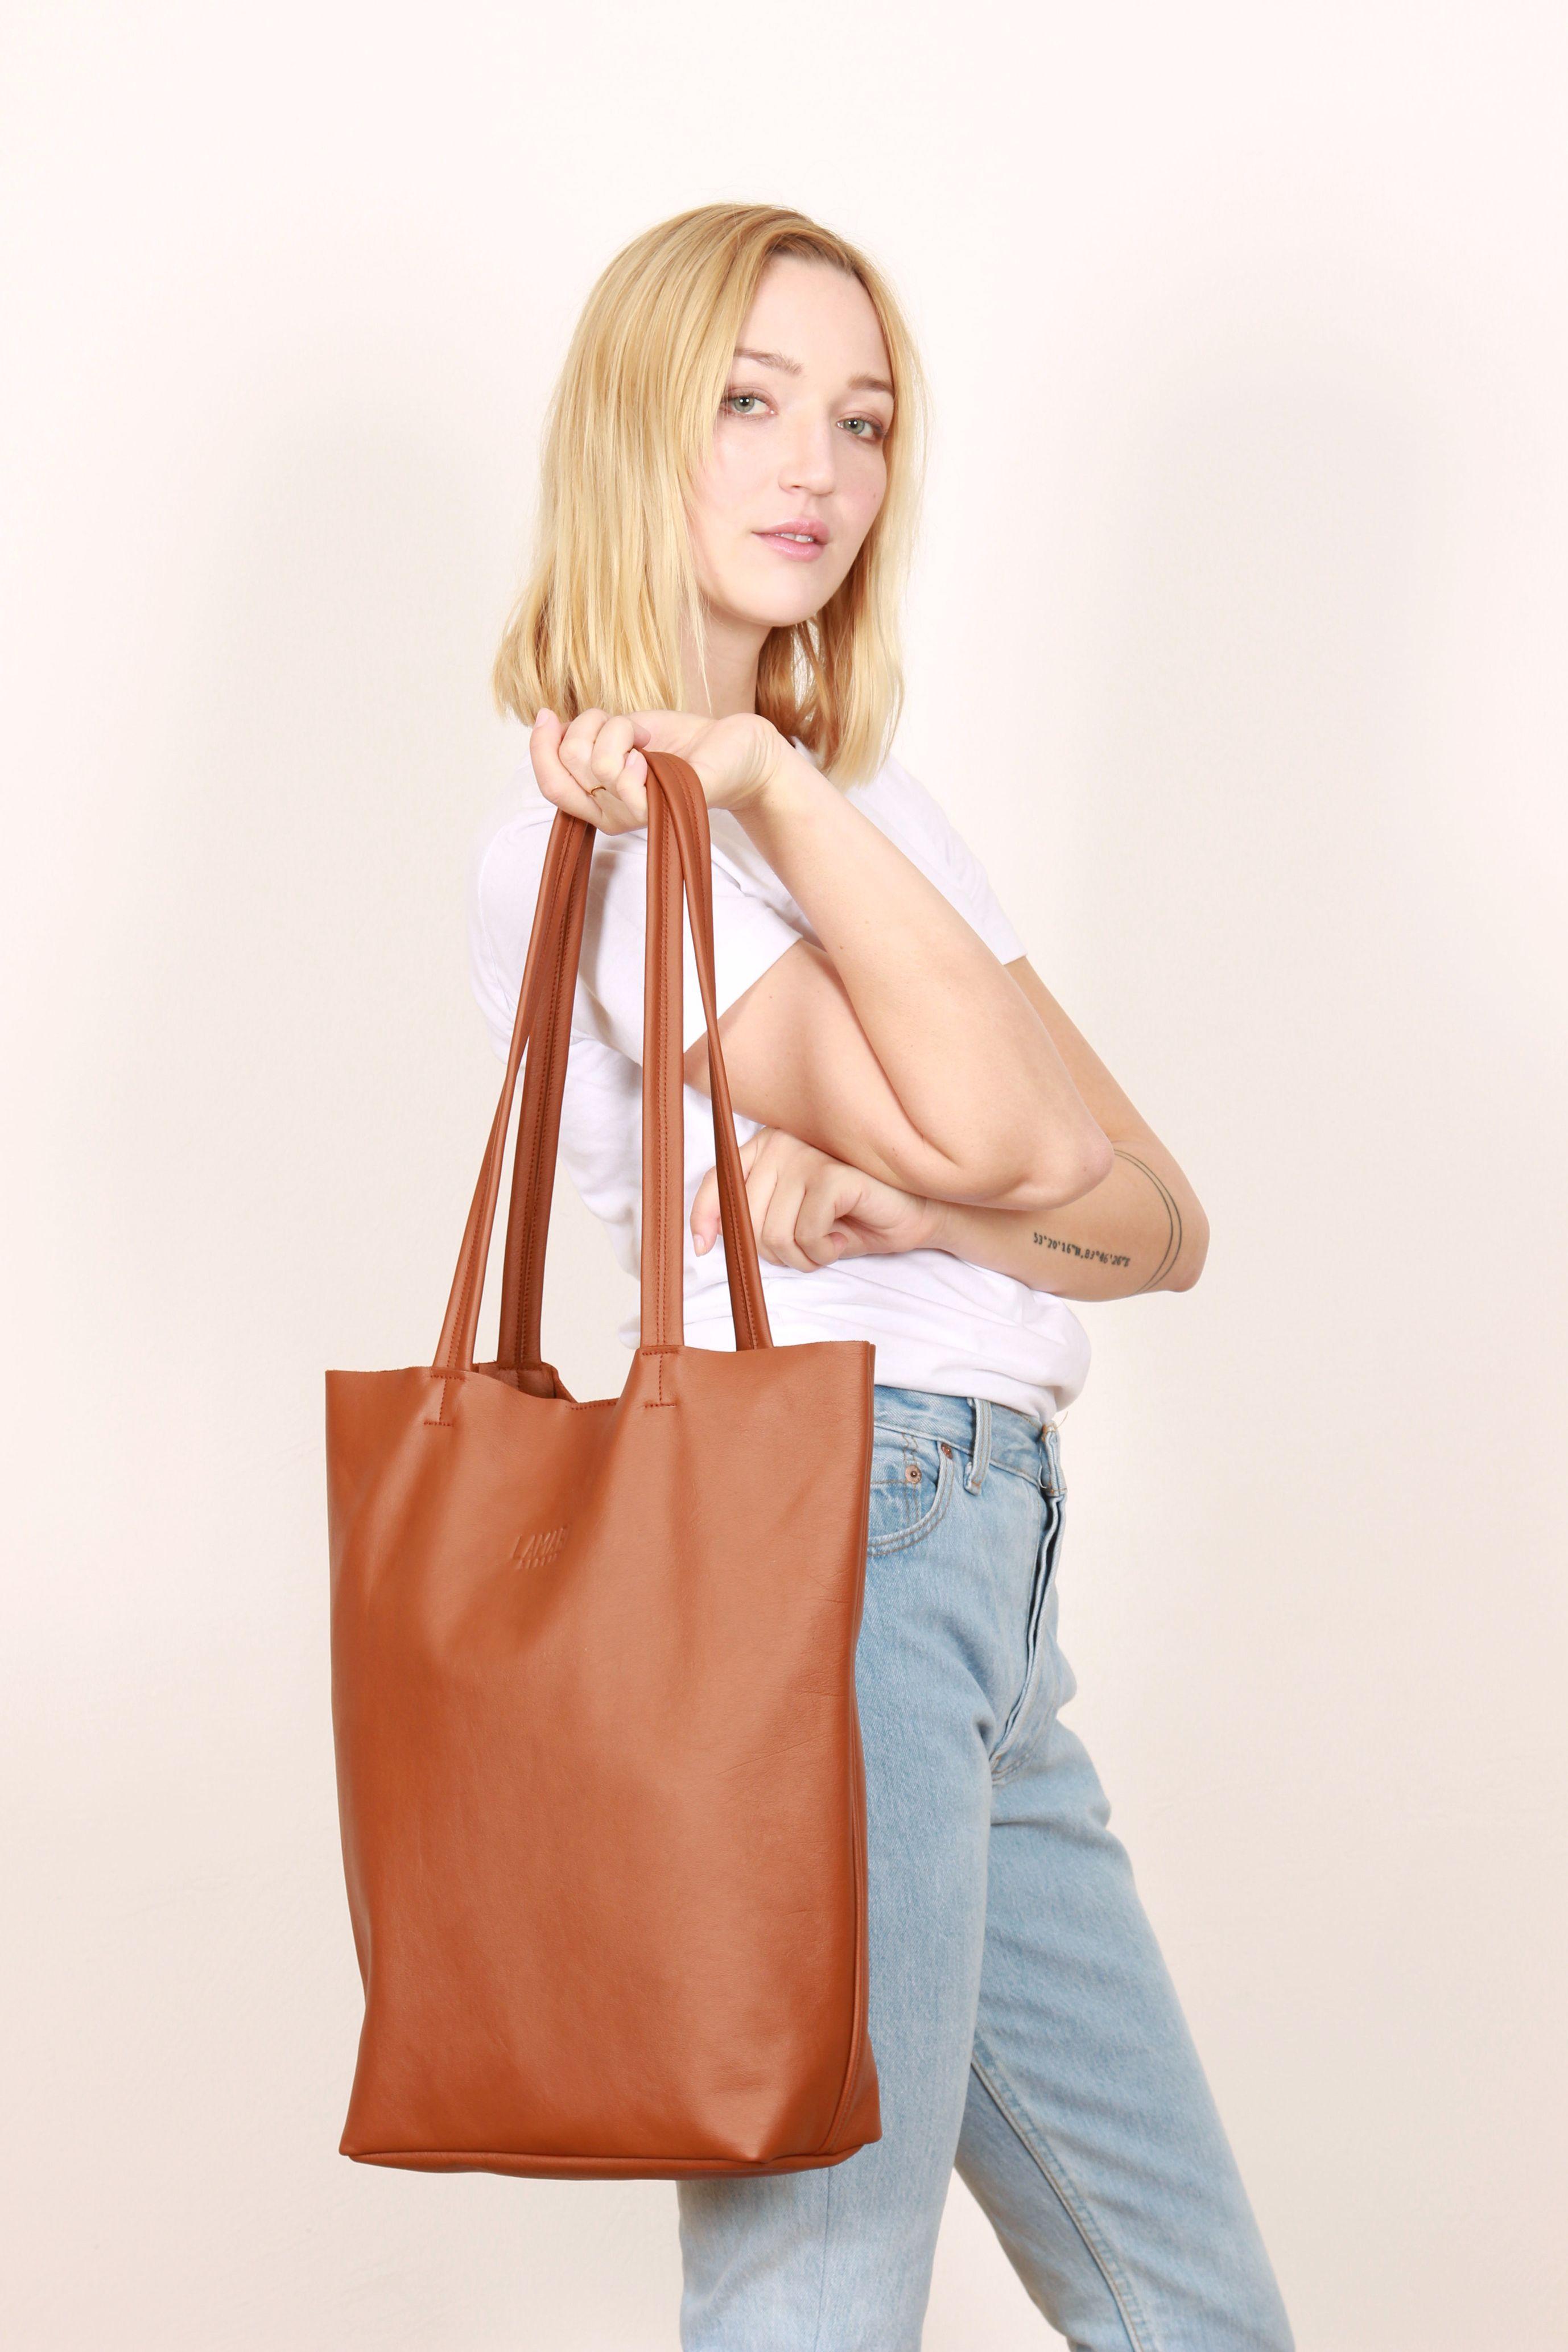 749a0ff5ee3de  Ledertasche Cognac   Leder TOTE BAG  Big leather bag  brown Tote Bag   Brown Shopper  Shopper Cognac